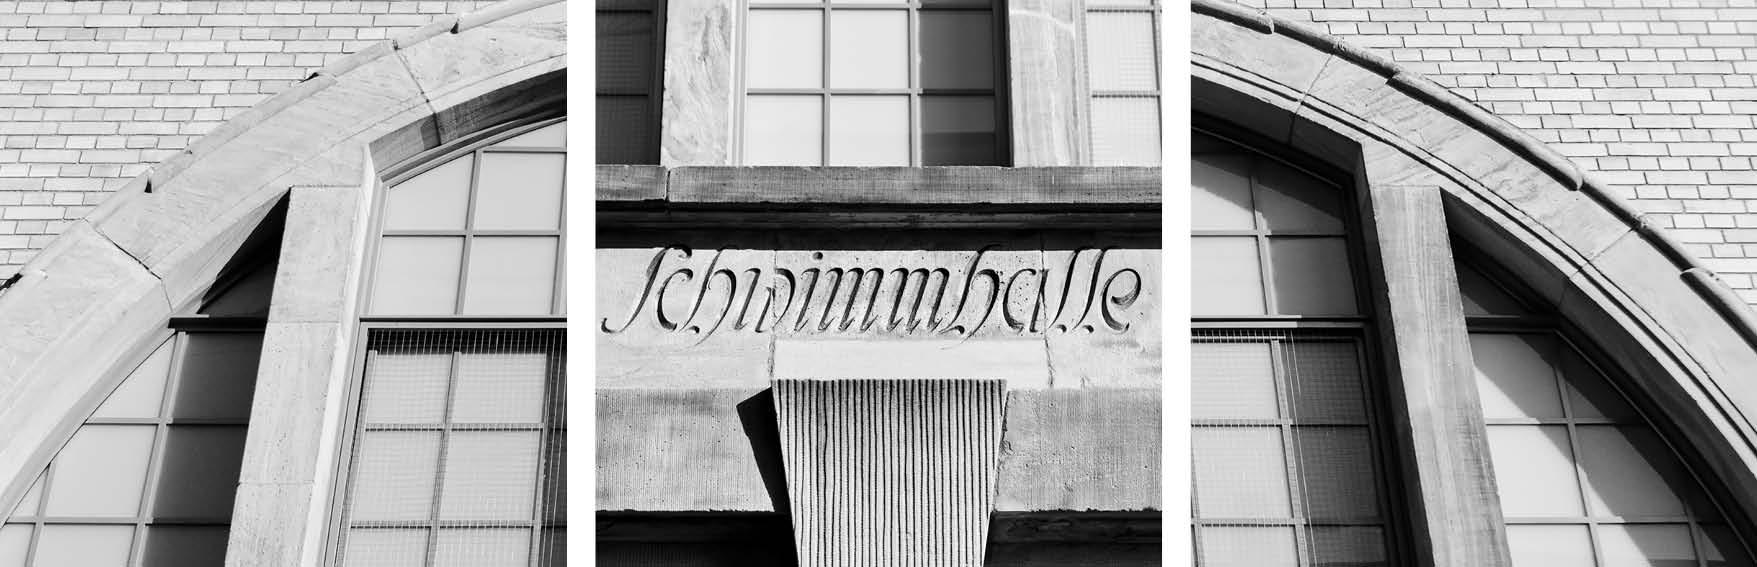 Schwimmhalle – Roman Pretot, Serien-Nr.: 361-020